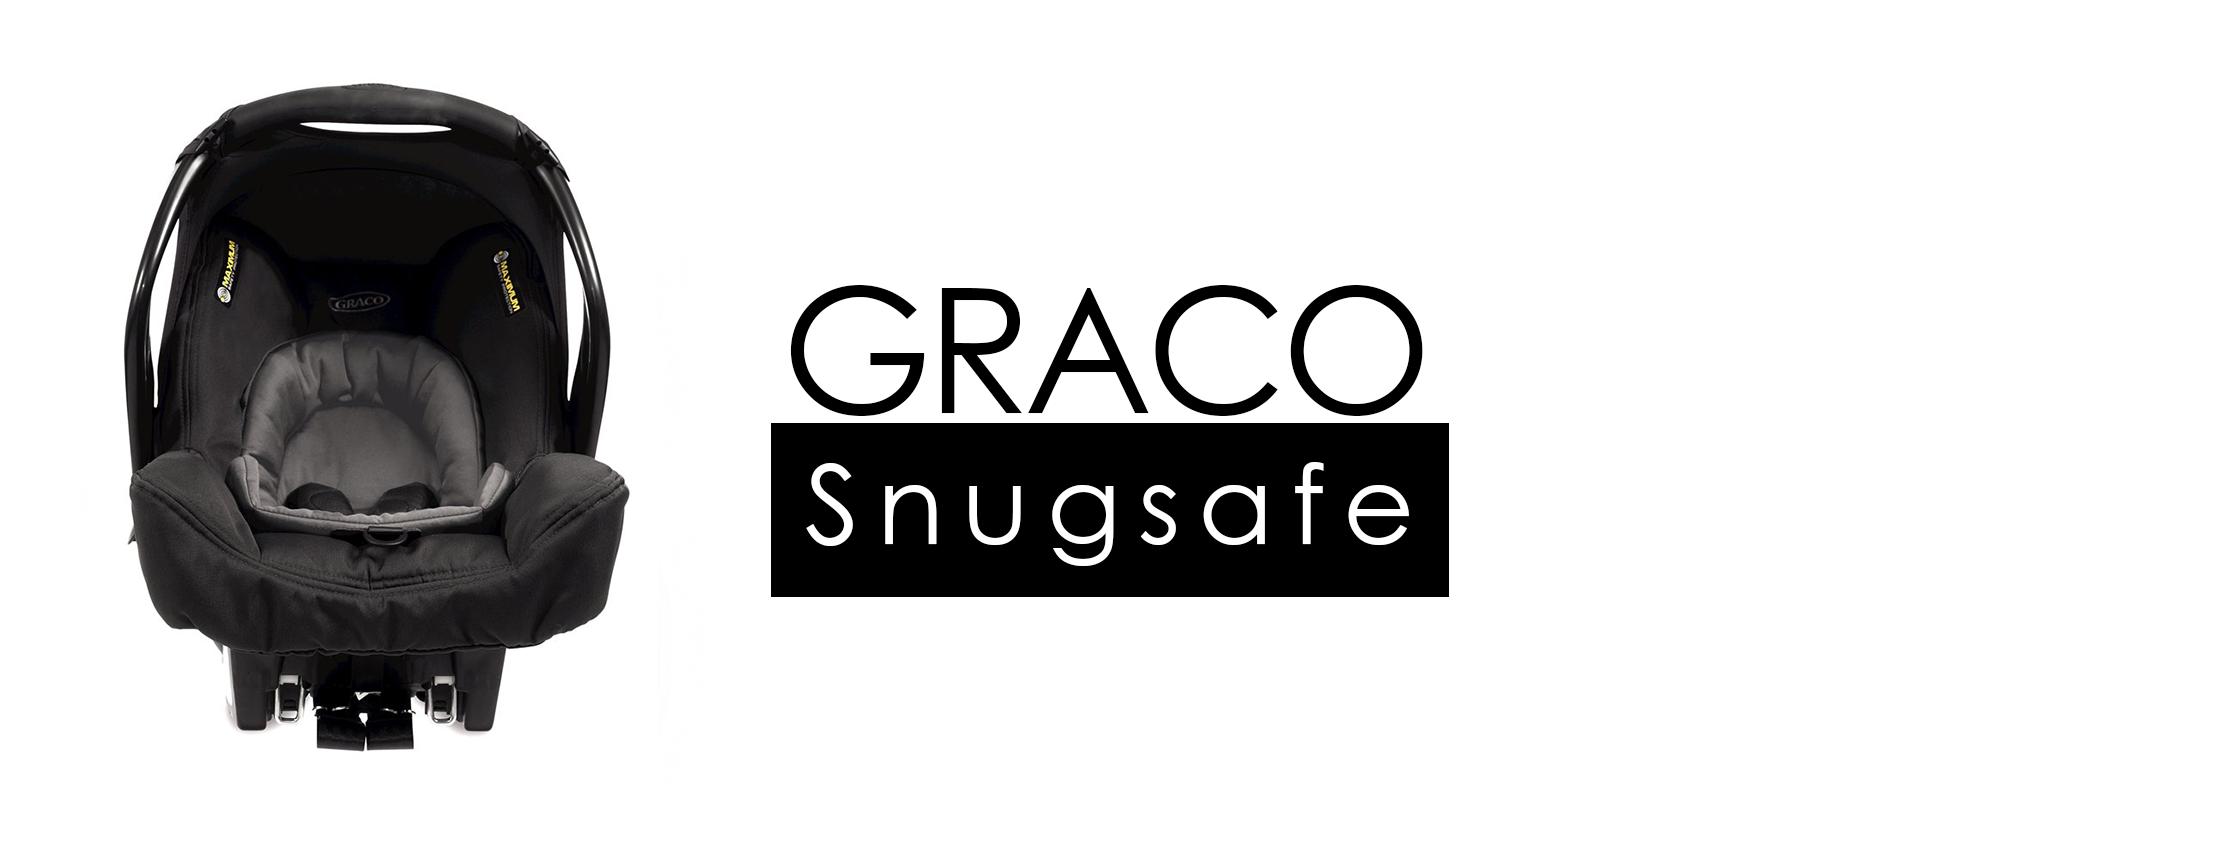 Graco SNUGSAFE – tyłem do kierunku jazdy zgodnie z normą I-Size